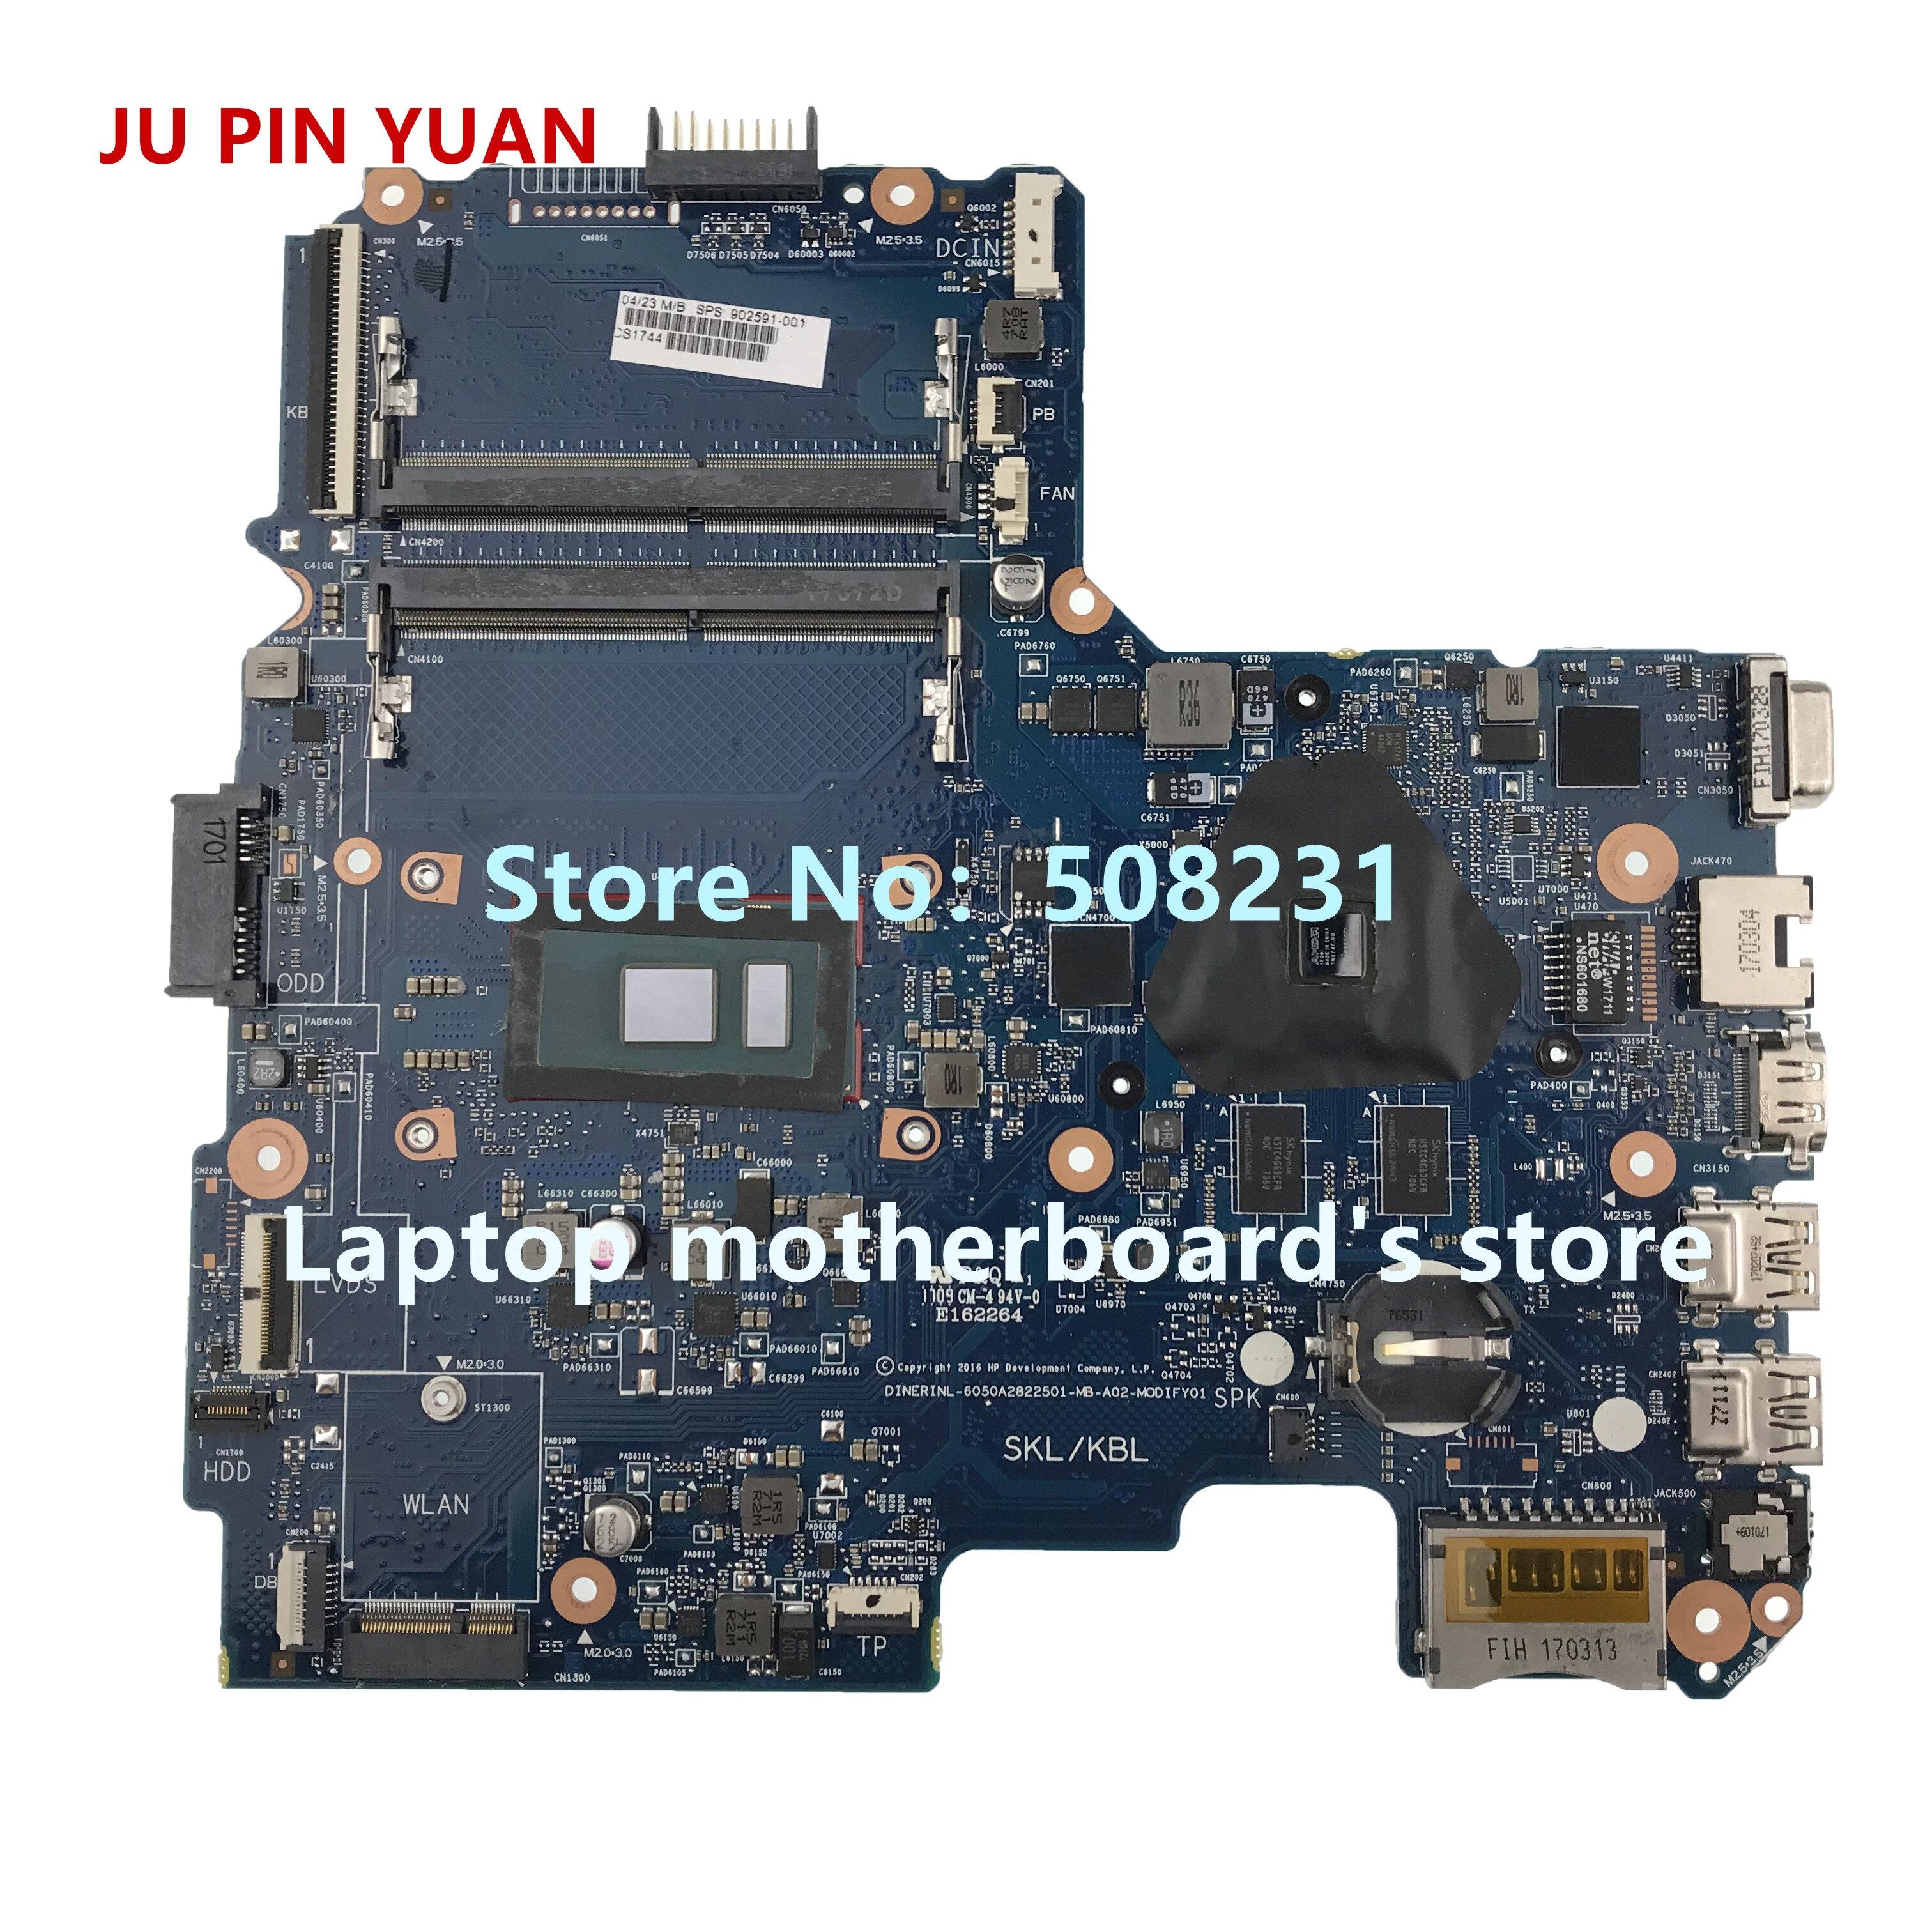 JU PIN YUAN 902591-001 902591-501 902591-601 for HP 14-AR 14-AM series laptop motherboard R5M1-30 2GB 6050A2822501 fully TestedJU PIN YUAN 902591-001 902591-501 902591-601 for HP 14-AR 14-AM series laptop motherboard R5M1-30 2GB 6050A2822501 fully Tested